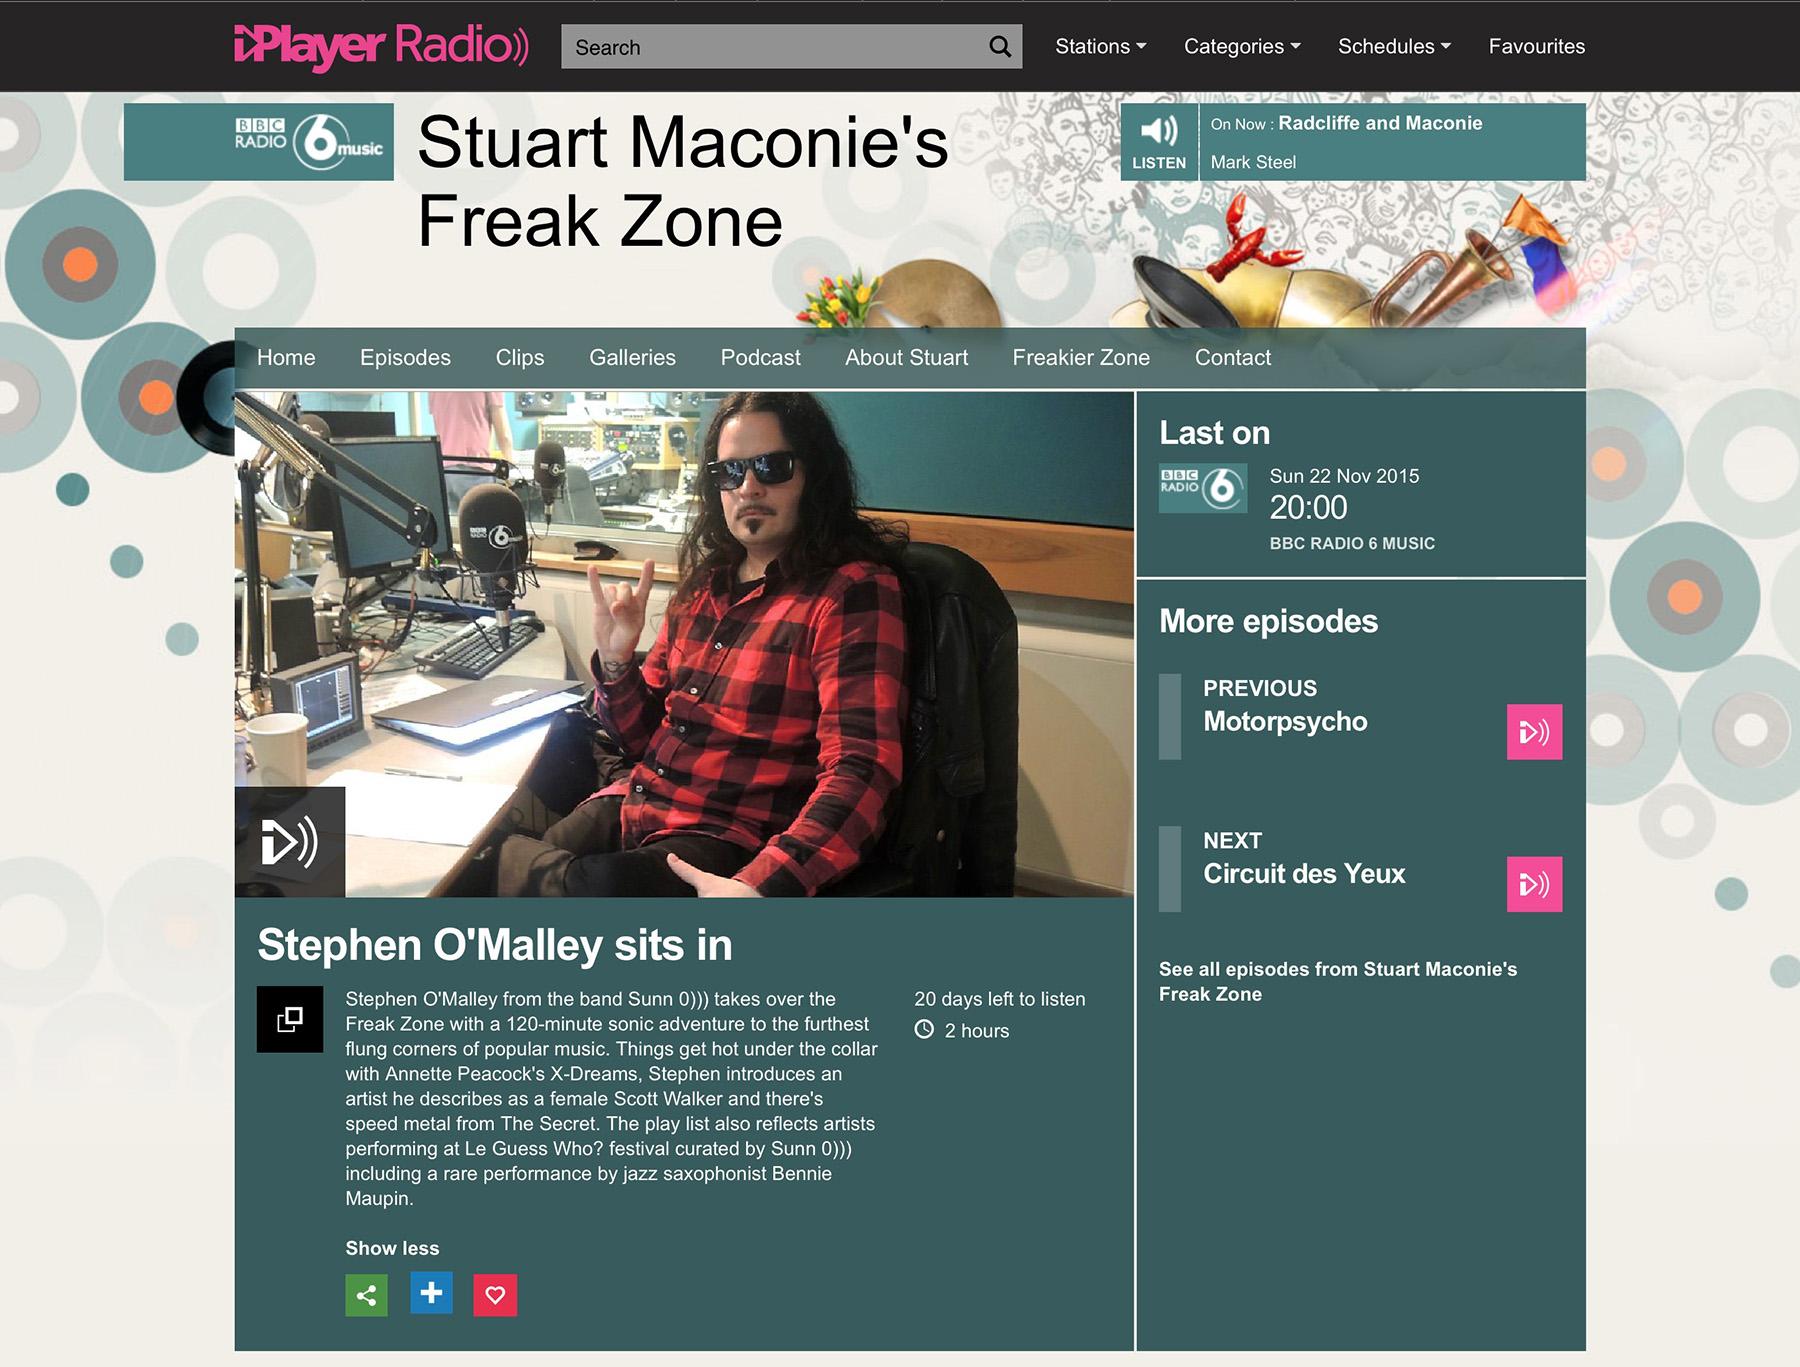 Stephen O'Malley sits in Stuart Maconie's Freak Zone on BBC6 22 Nov 2015